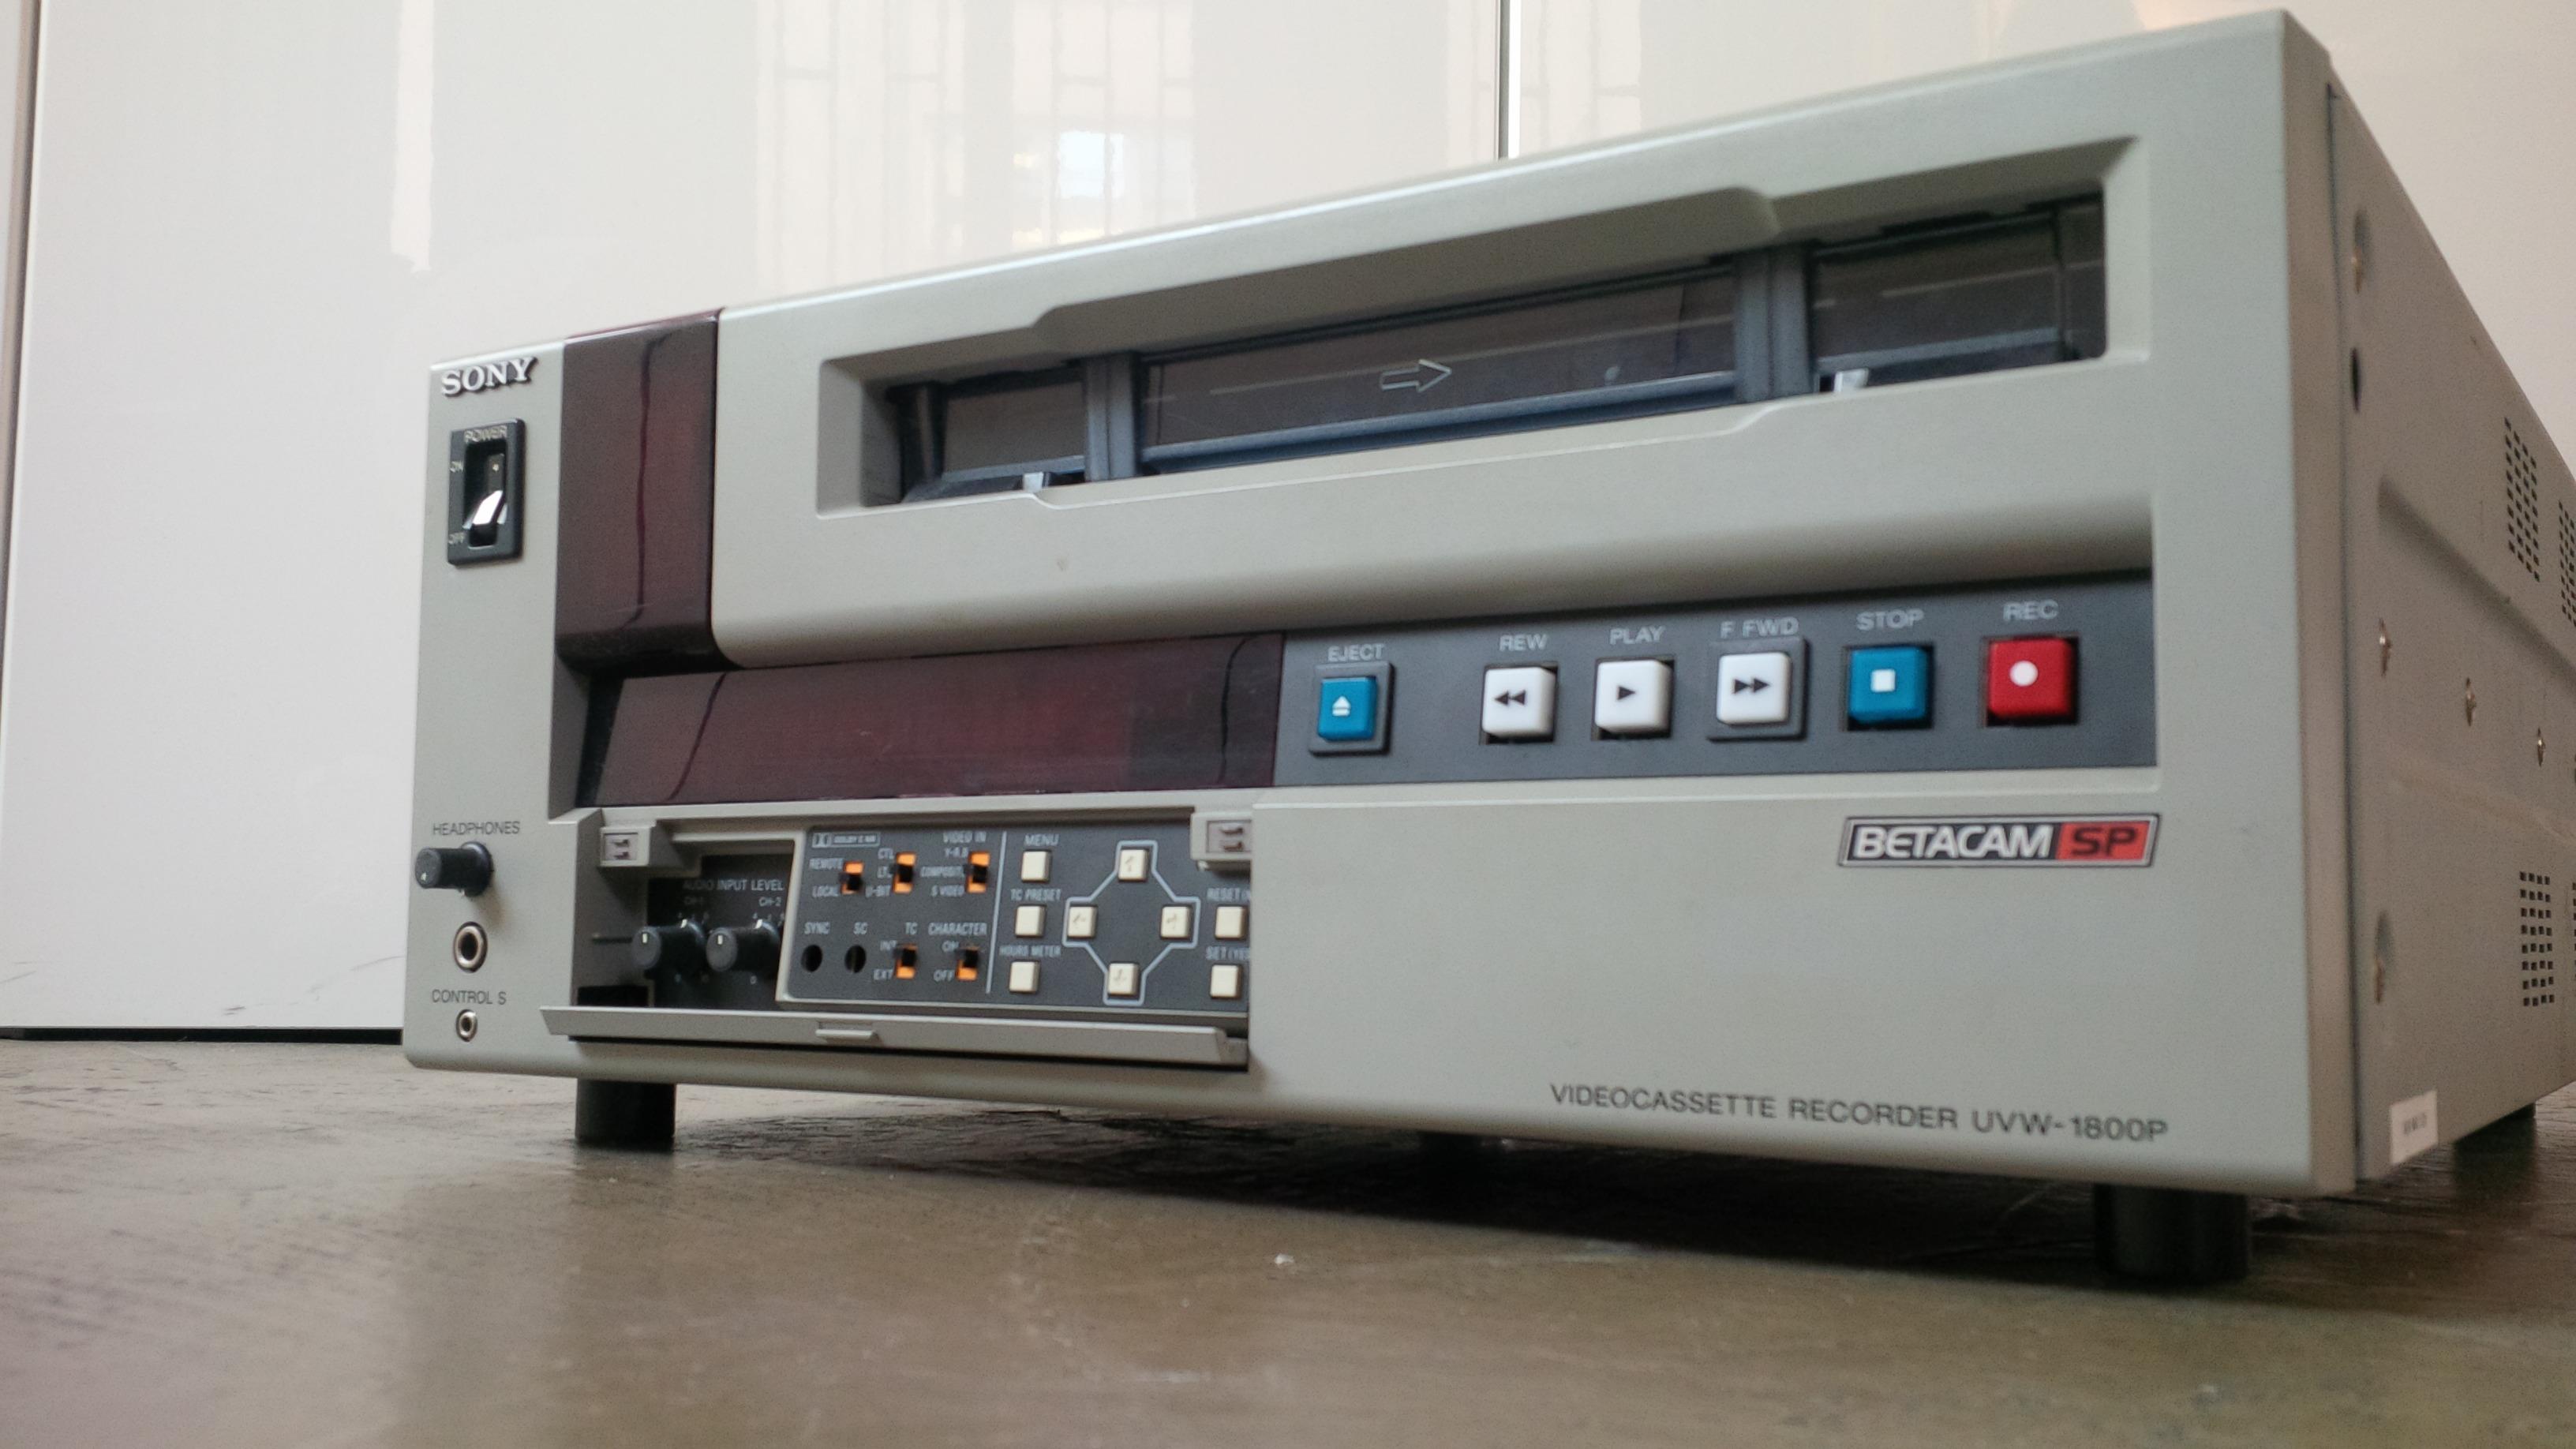 Sony uvw 1800 manual.